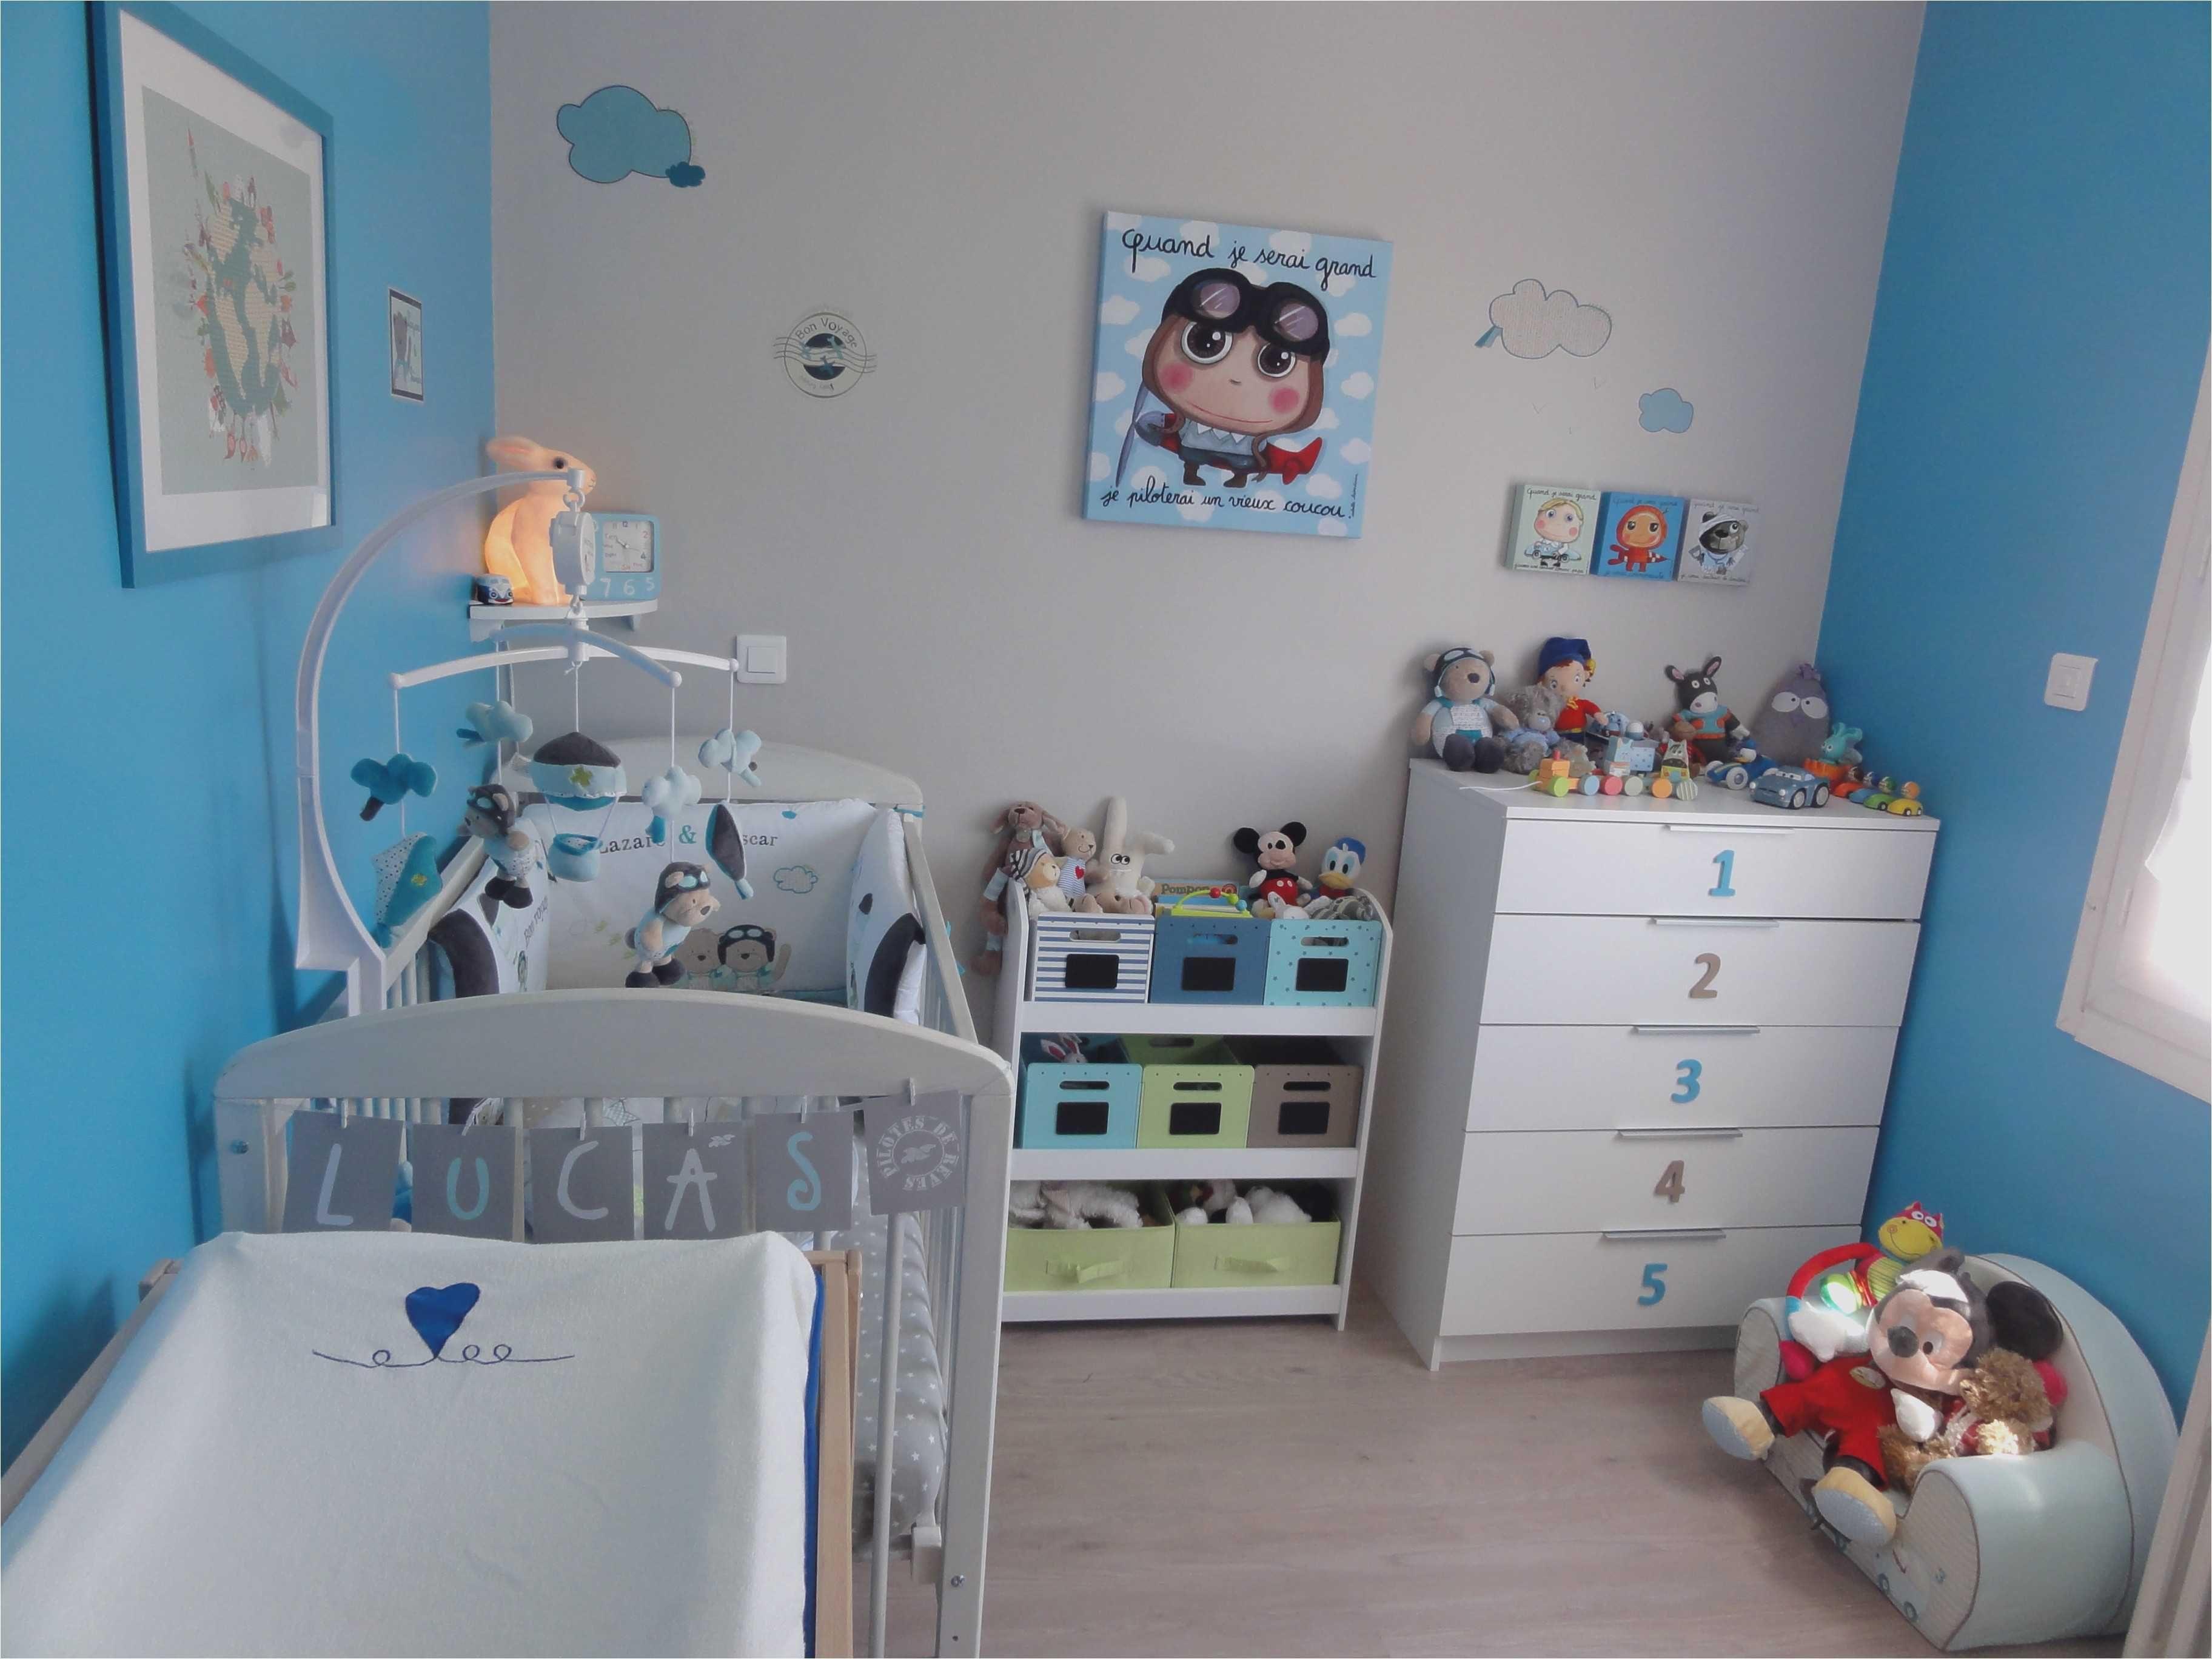 Lit Superposé Evolutif Joli Délicieux Chambre Enfant Lit Superposé Et 14 Unique Rideau Lit